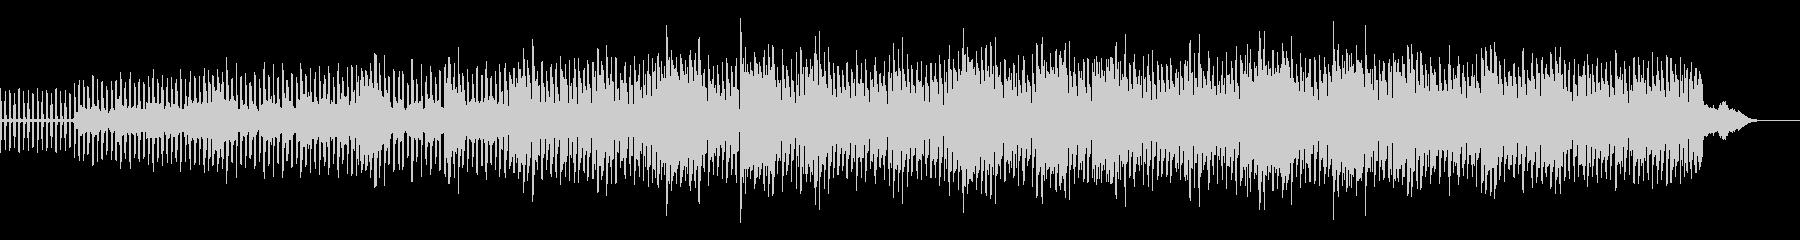 ミニマル、エレクトロ二カ、ロック、ダークの未再生の波形